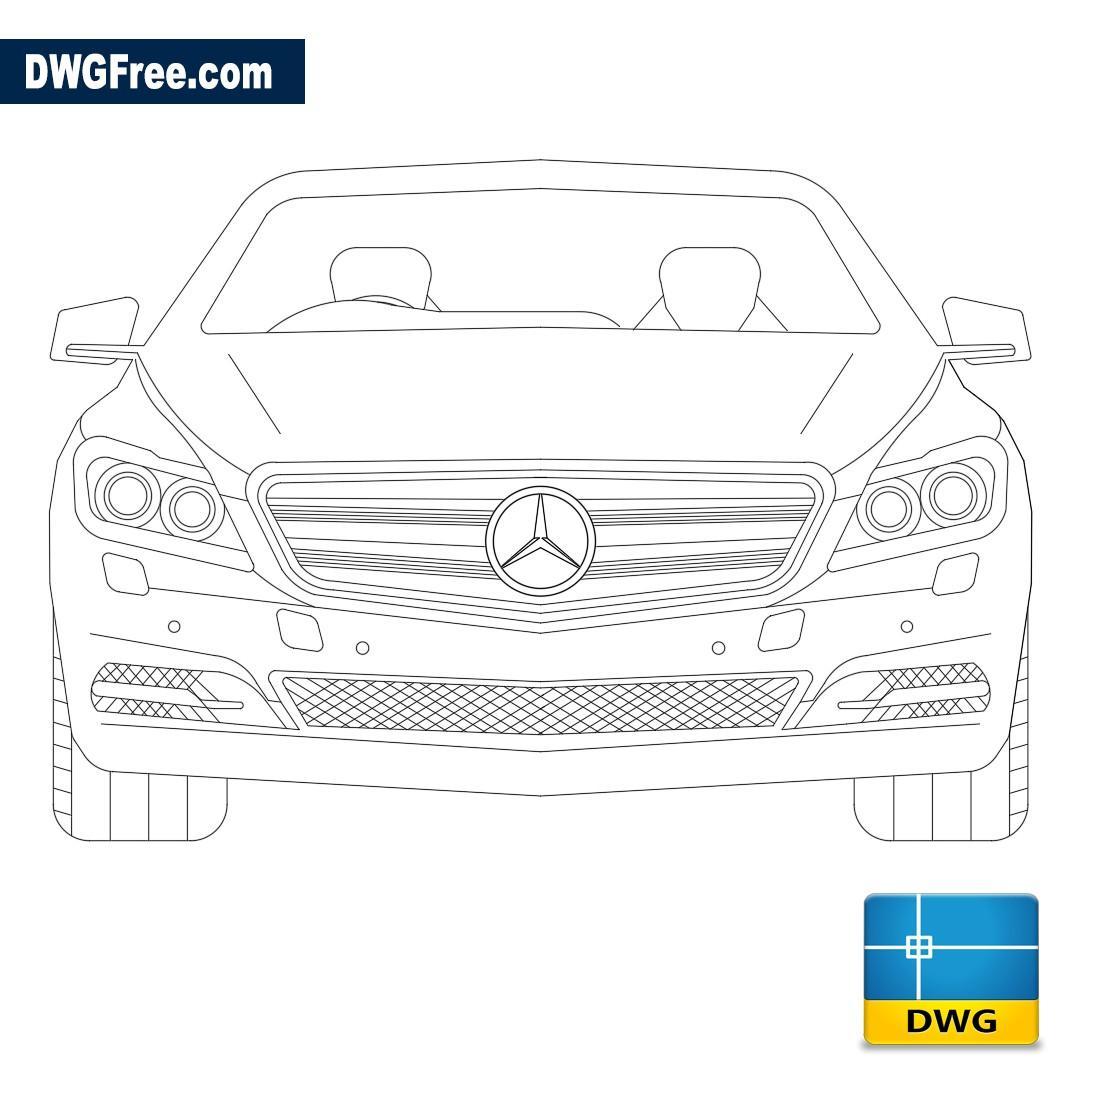 Mercedes Benz Front View Dwg Free Dwg 2d Model Cad Blocks